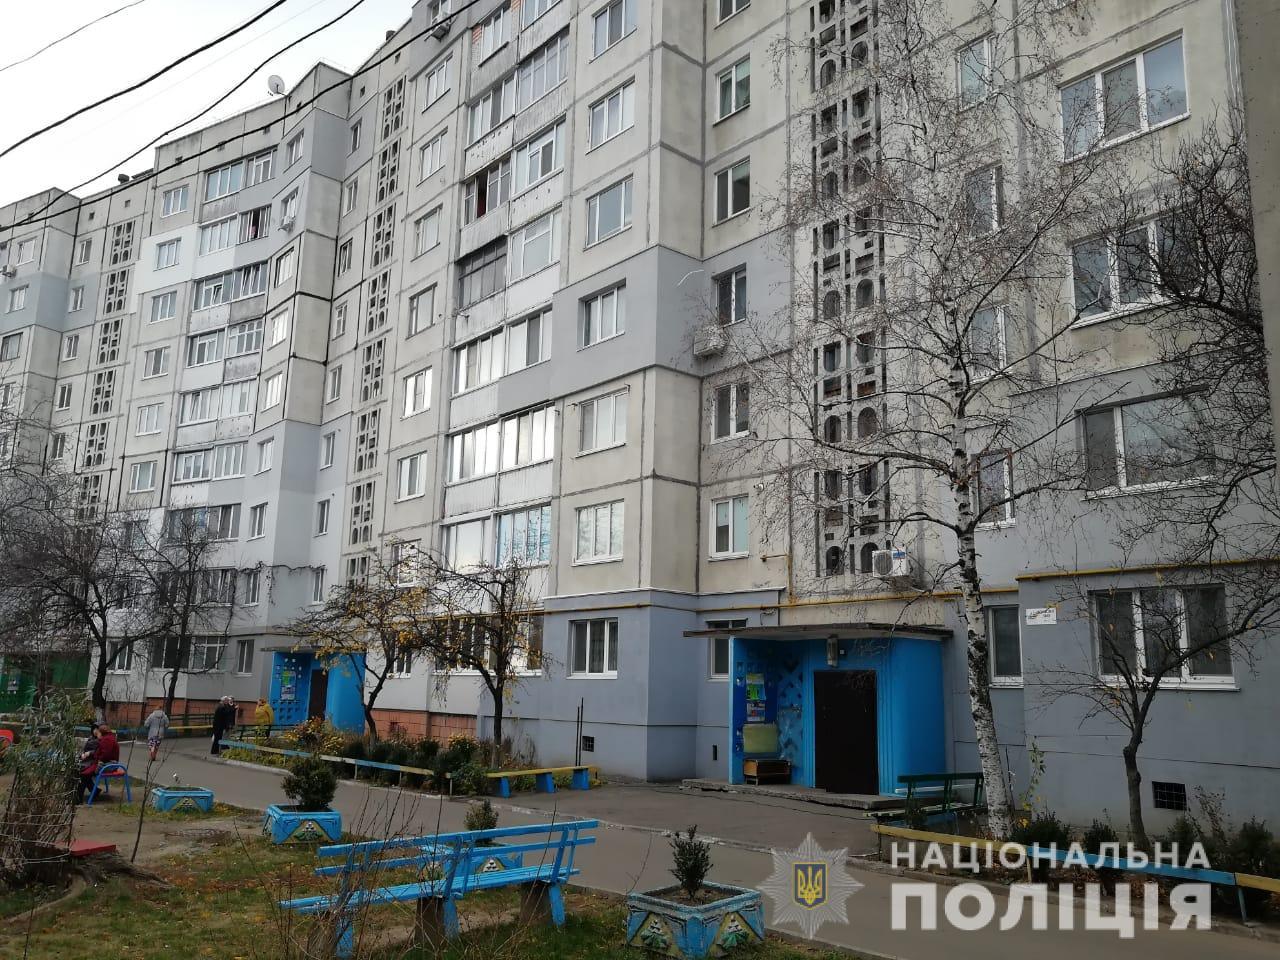 Под Киевом должник за коммуналку развел костер в квартире, чтобы приготовить обед